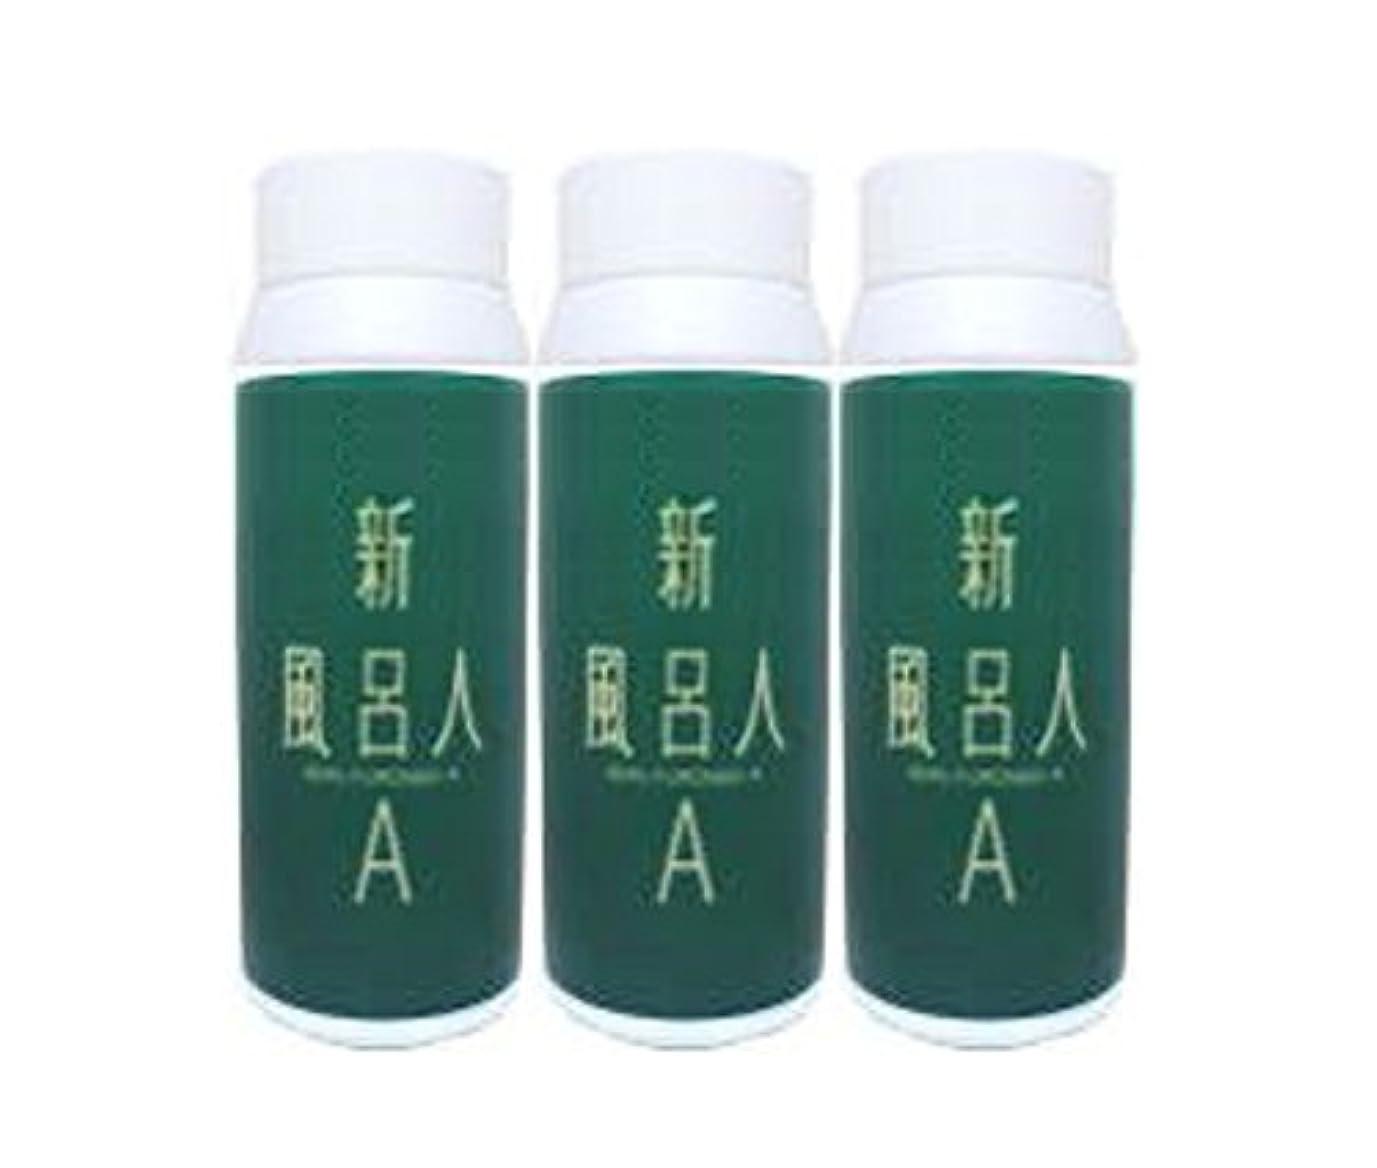 24時間風呂用 入浴剤 新フロンドA 1000g 【3本セット】